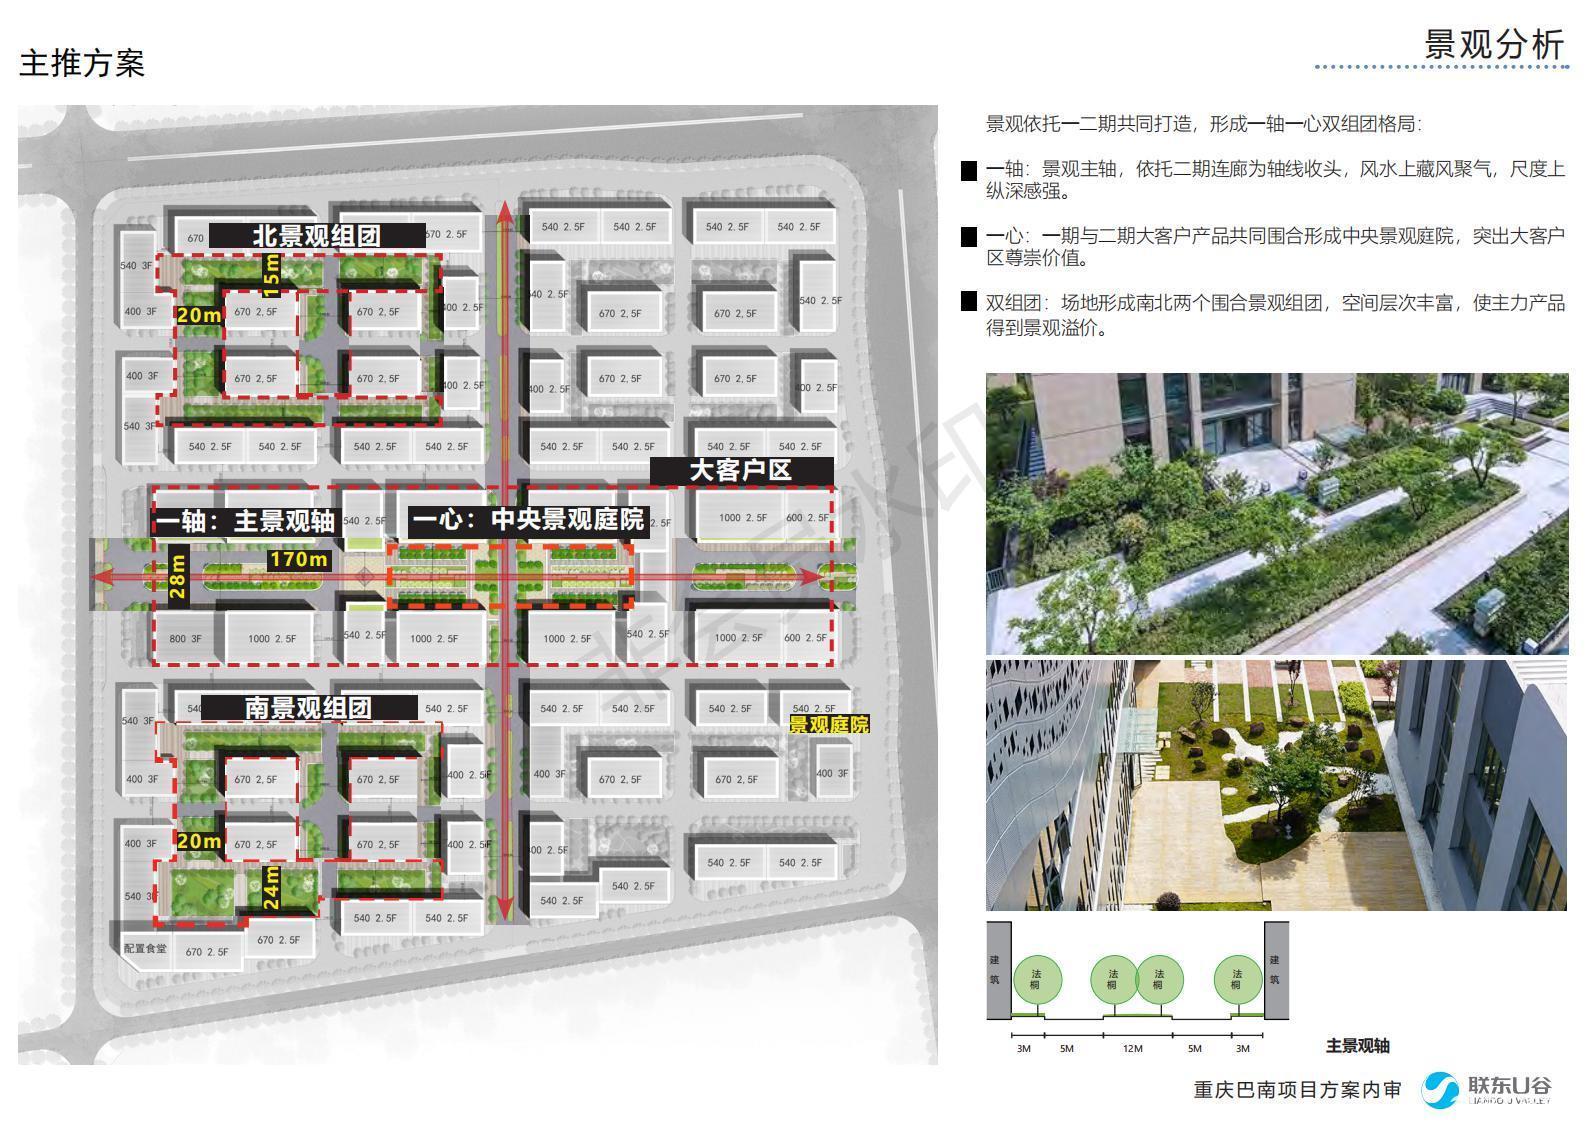 重庆巴南界石园区独栋厂房出售2层半设计首层挑高7.2米可夹层-图5